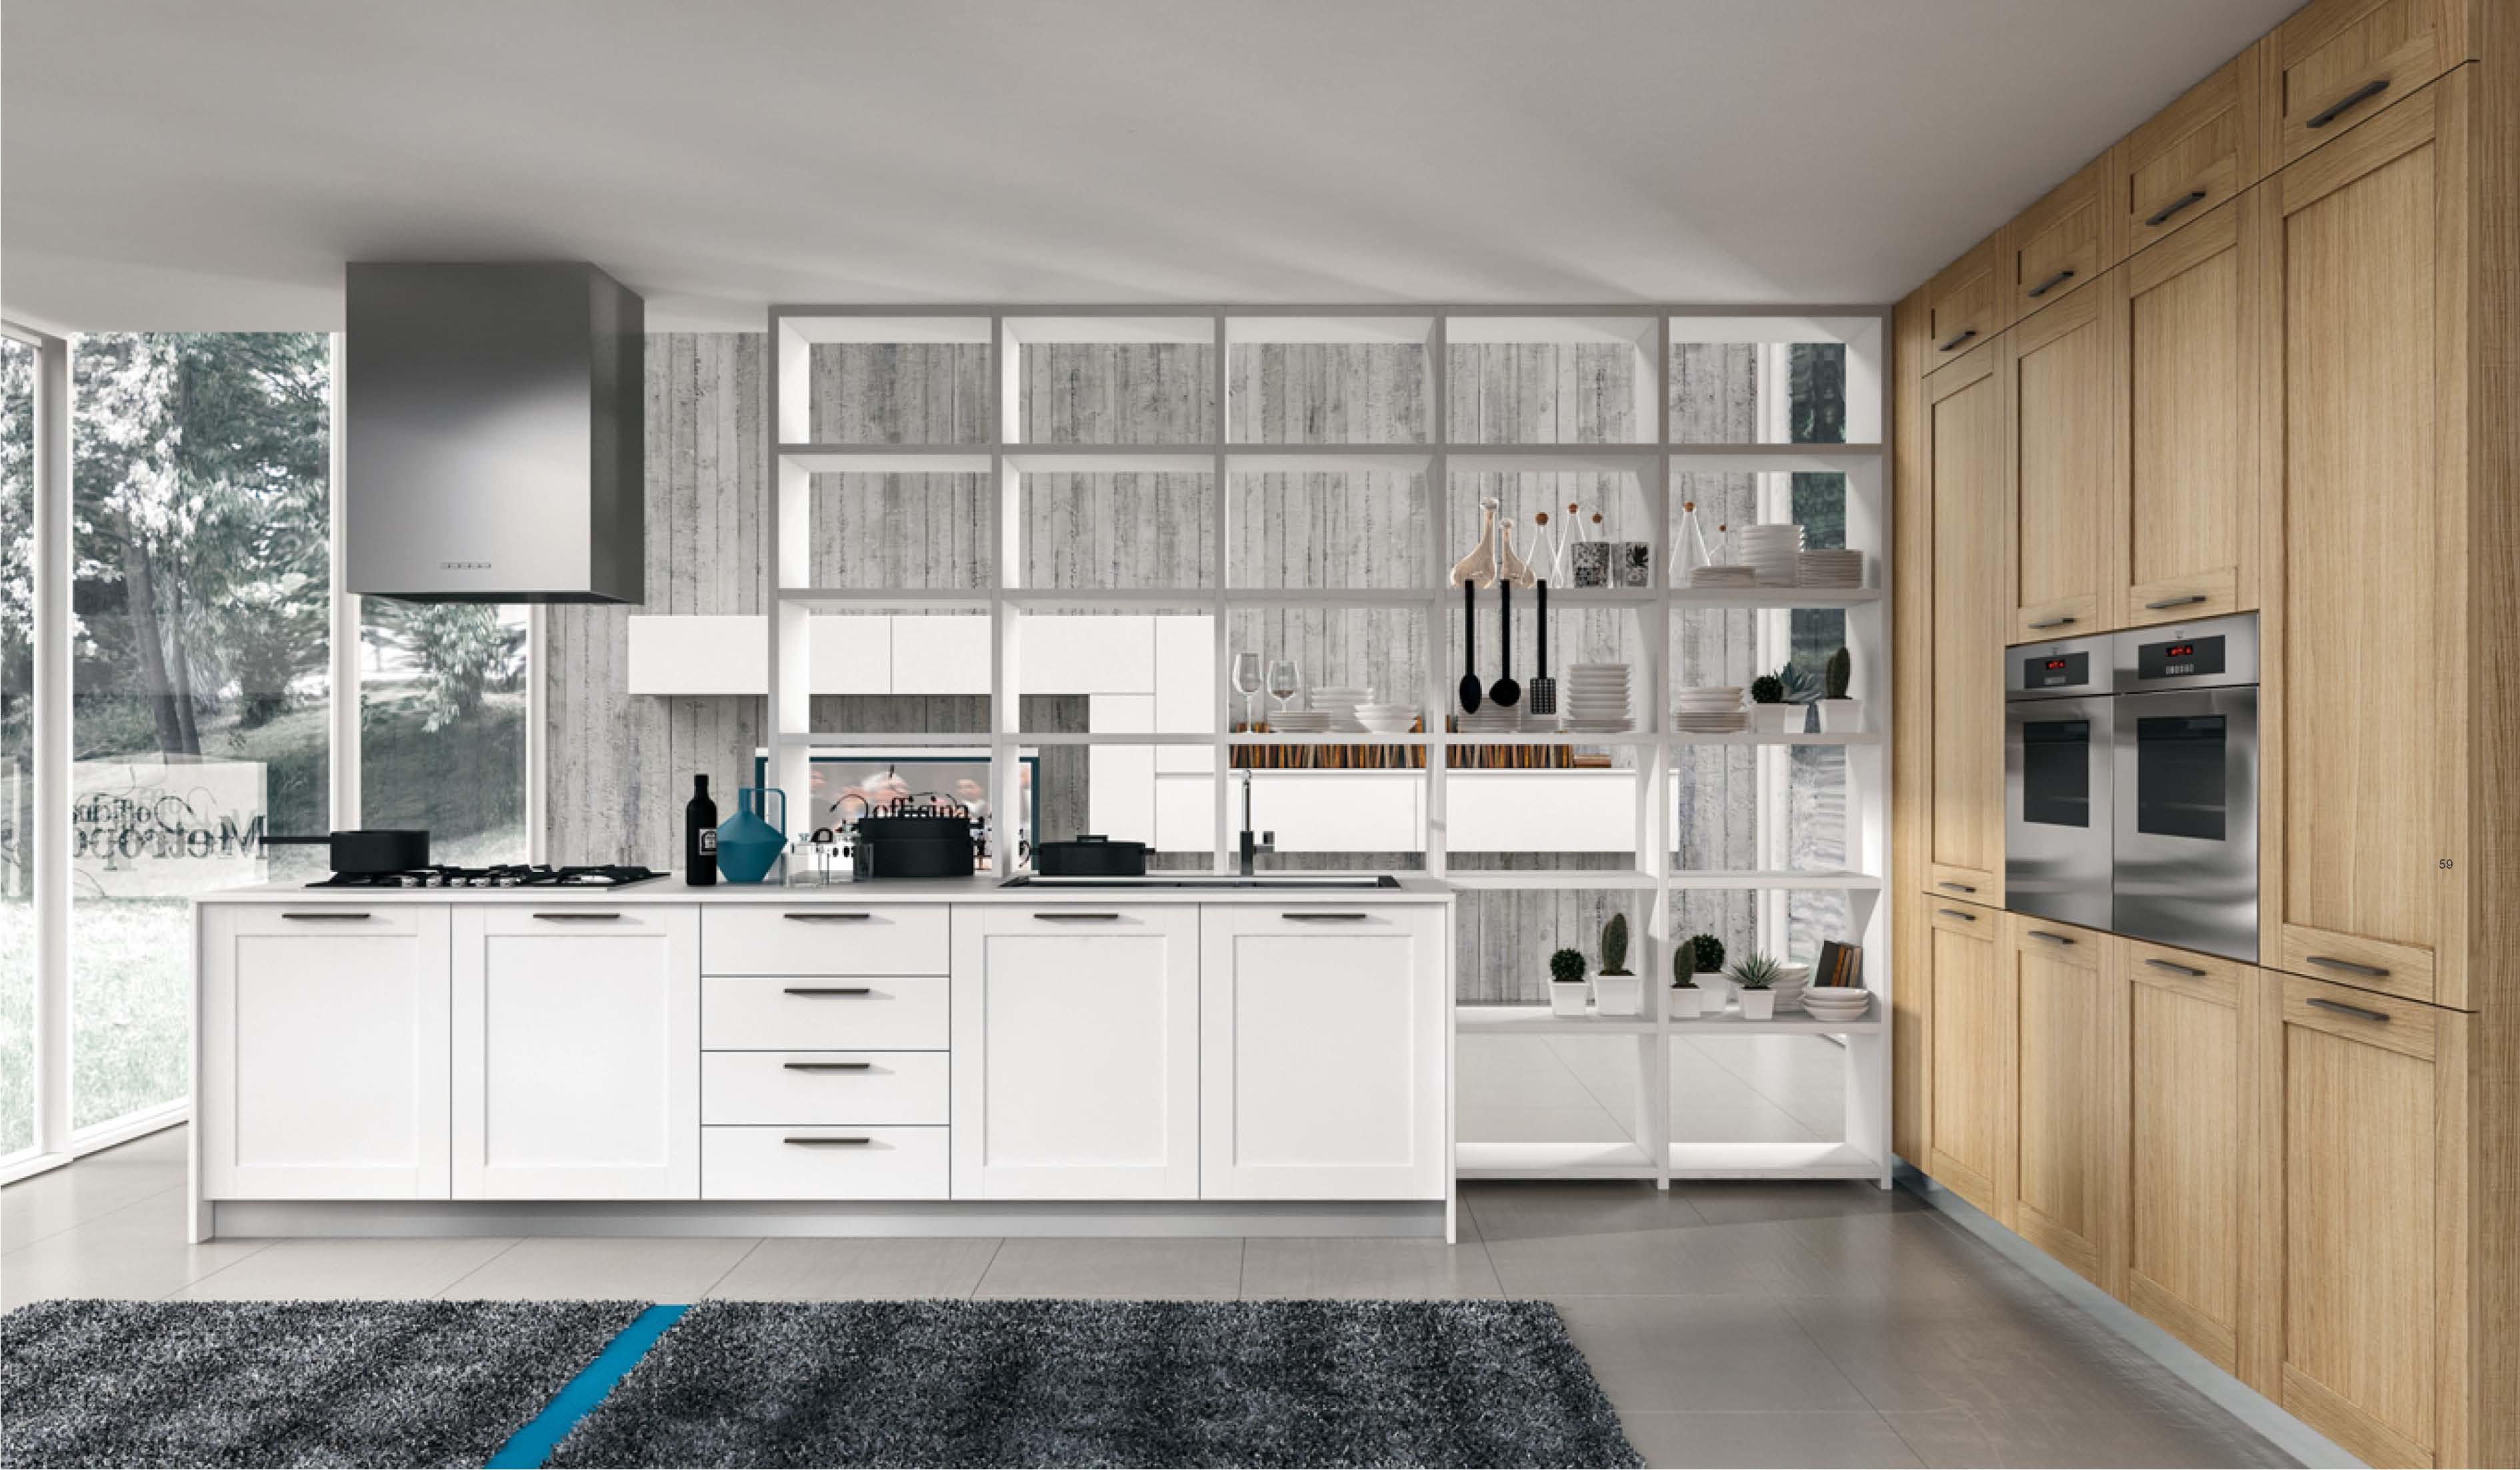 Cucina in rovere seghettato - Arredamento moderno